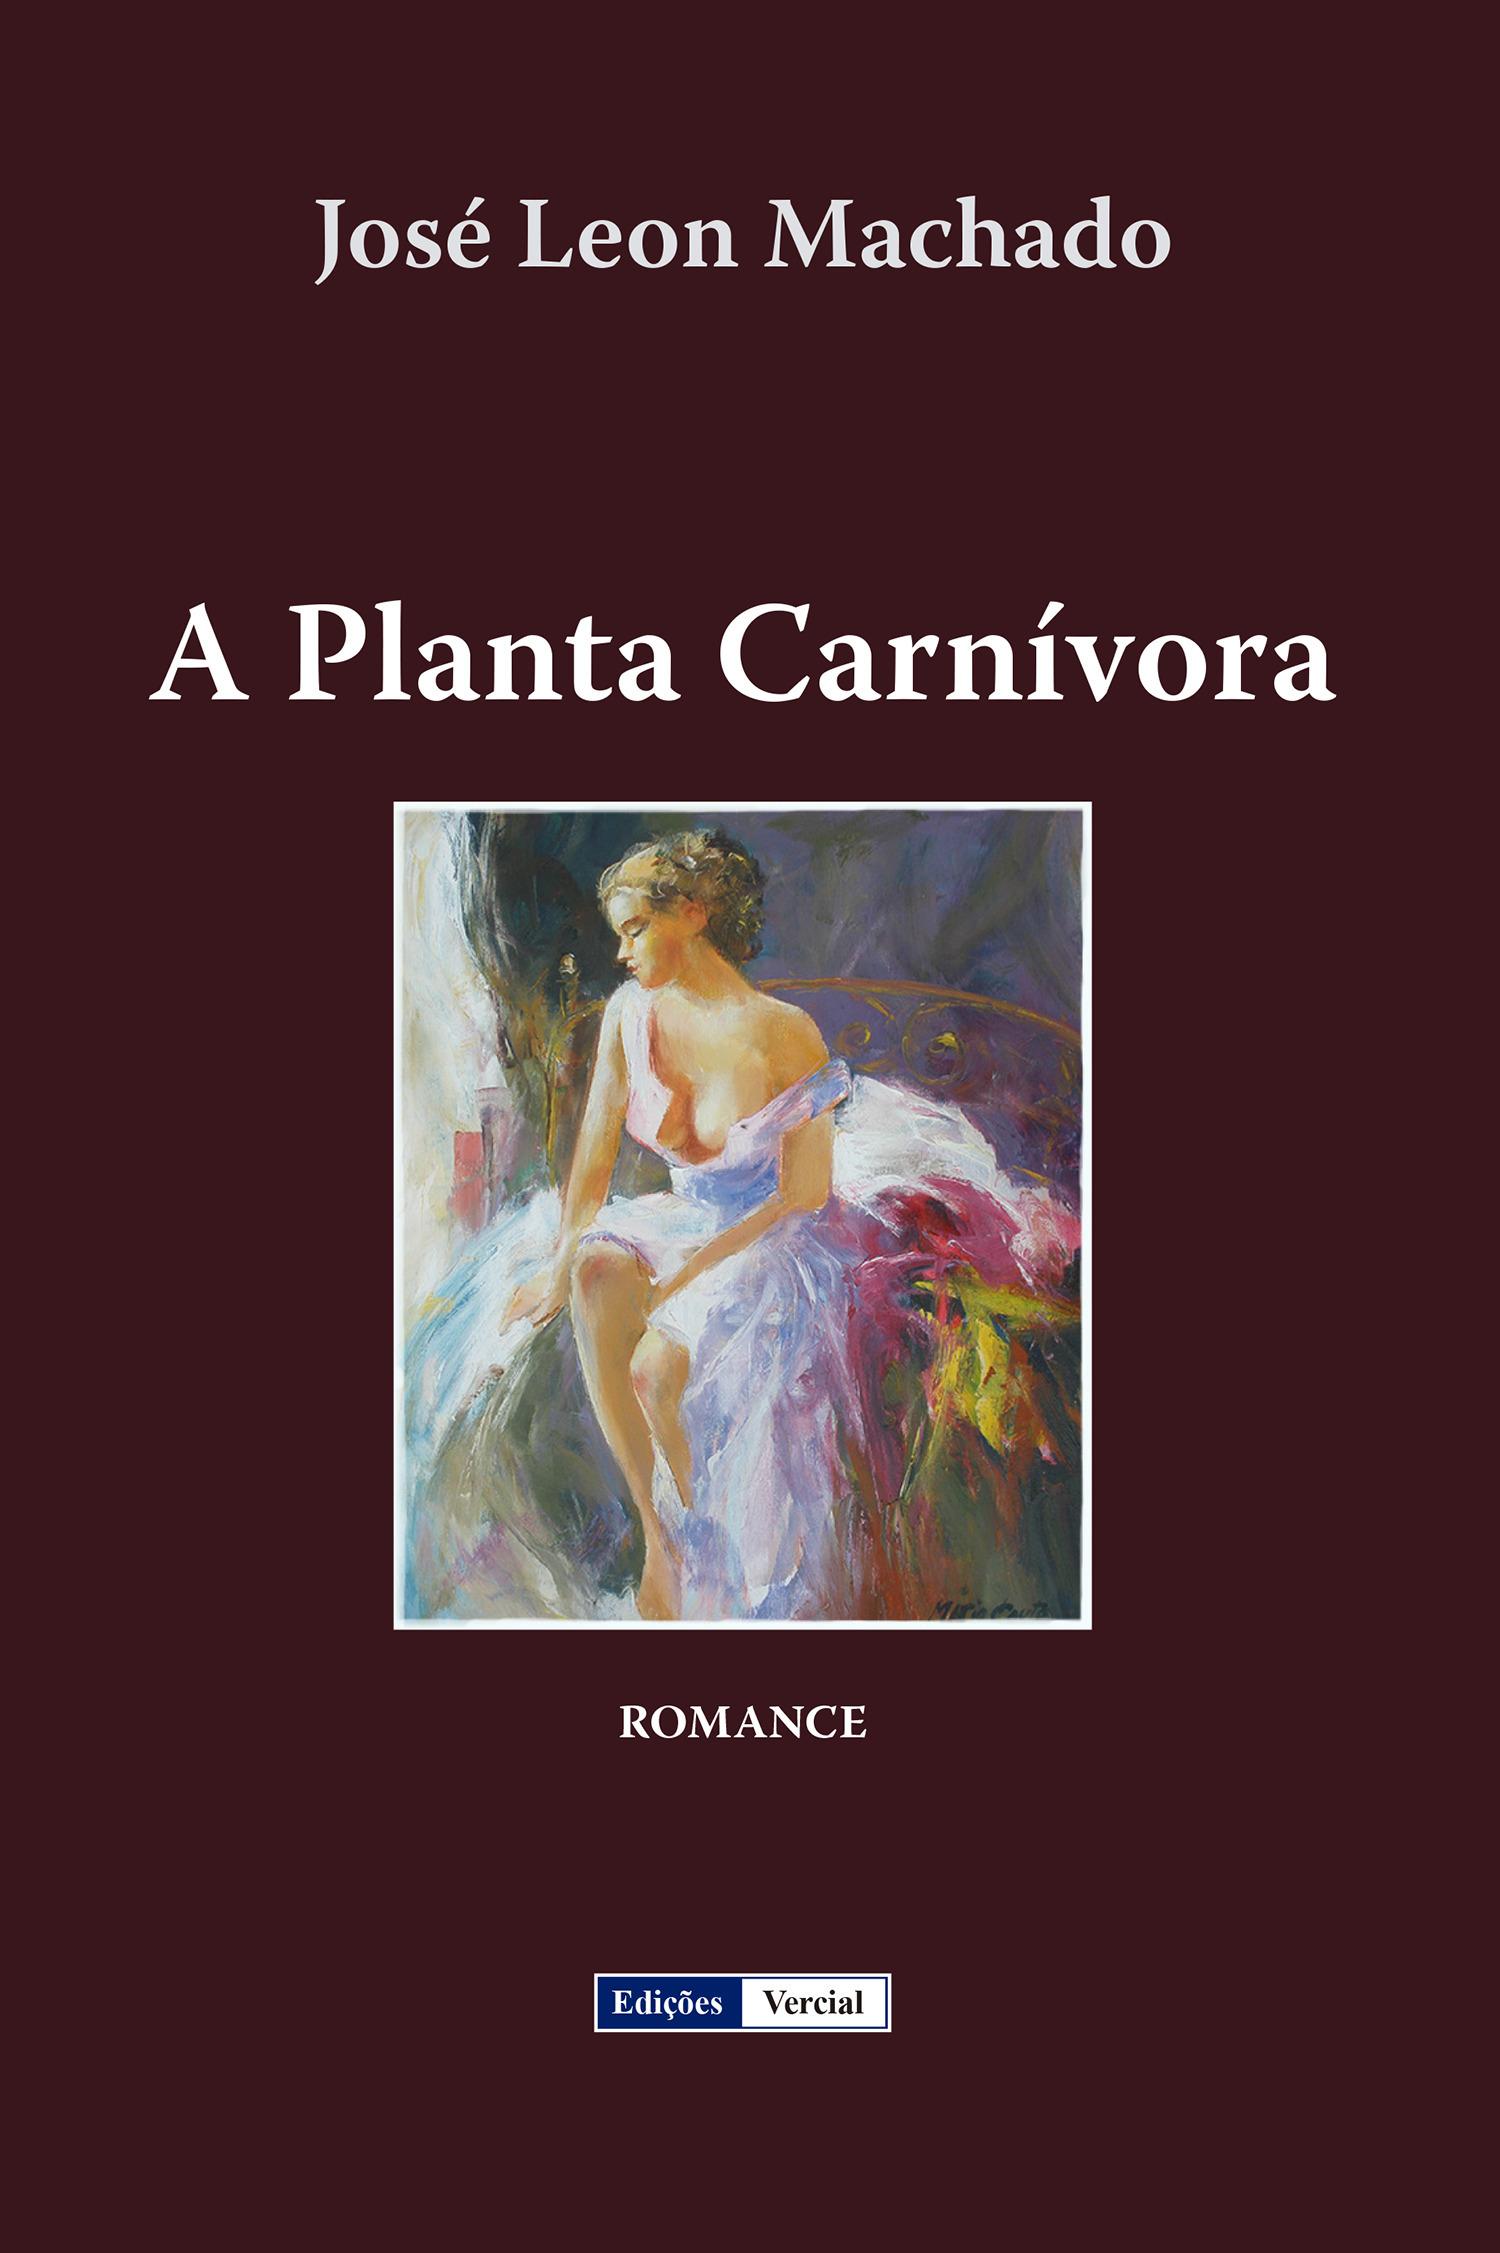 a planta carnívora